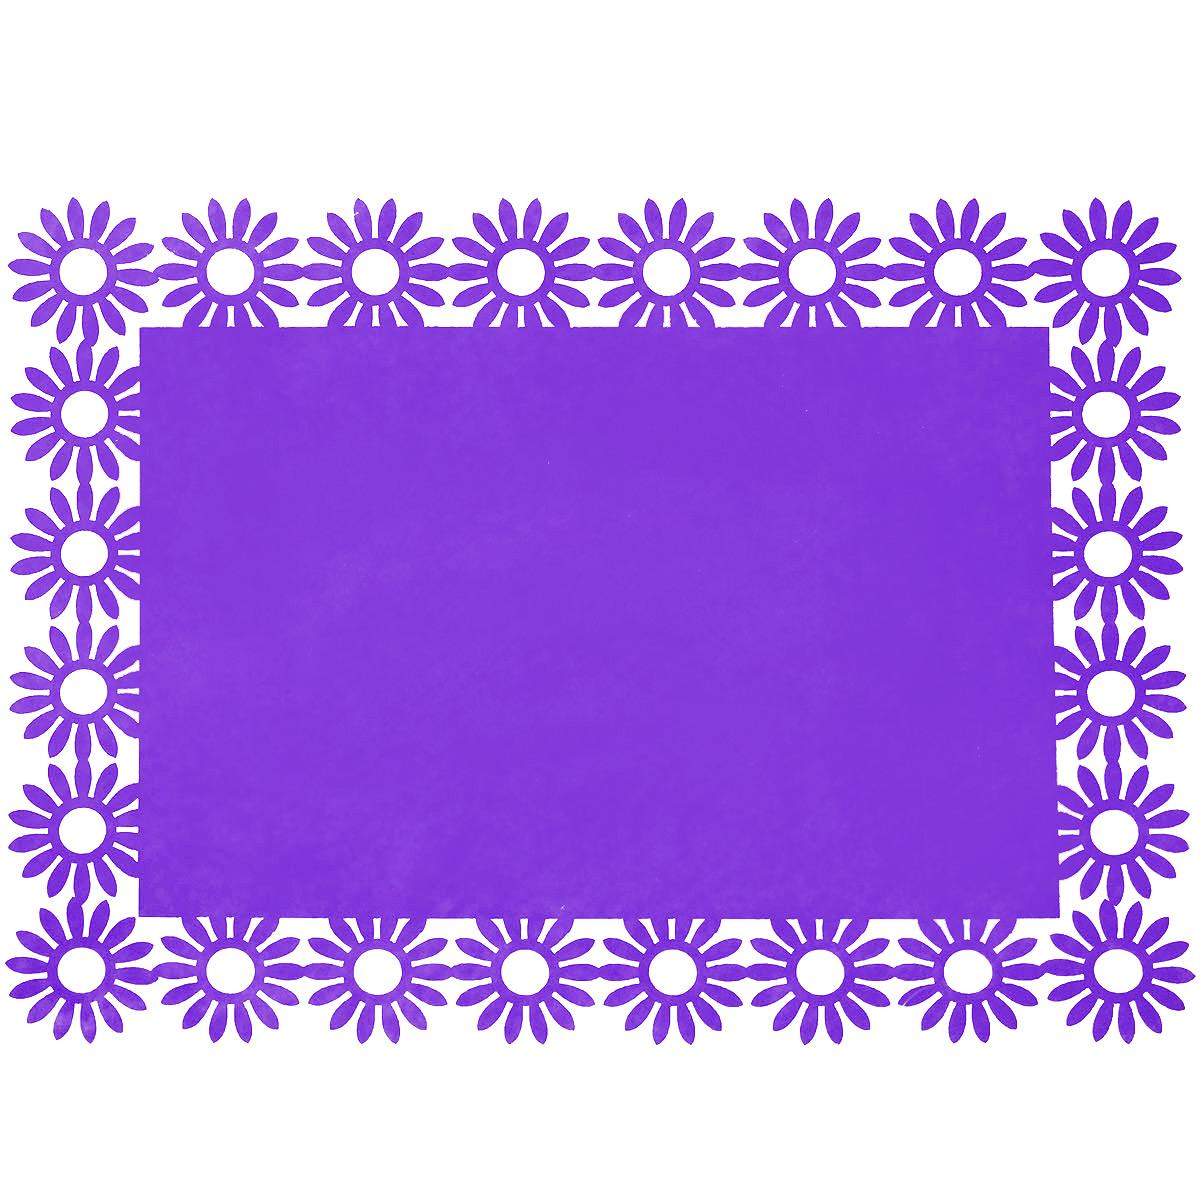 Салфетка Home Queen Веселый праздник, цвет: фиолетовый, 30 см х 40 см х 0,2 см66843_2Прямоугольная салфетка Home Queen Веселый праздник выполнена из фетра и имеет красивую перфорацию по краям. Вы можете использовать салфетку для декорирования стола, комода, журнального столика. В любом случае она добавит в ваш дом стиля, изысканности и неповторимости и убережет мебель от царапин и потертостей. Размер салфетки: 30 см х 40 см х 0,2 см.